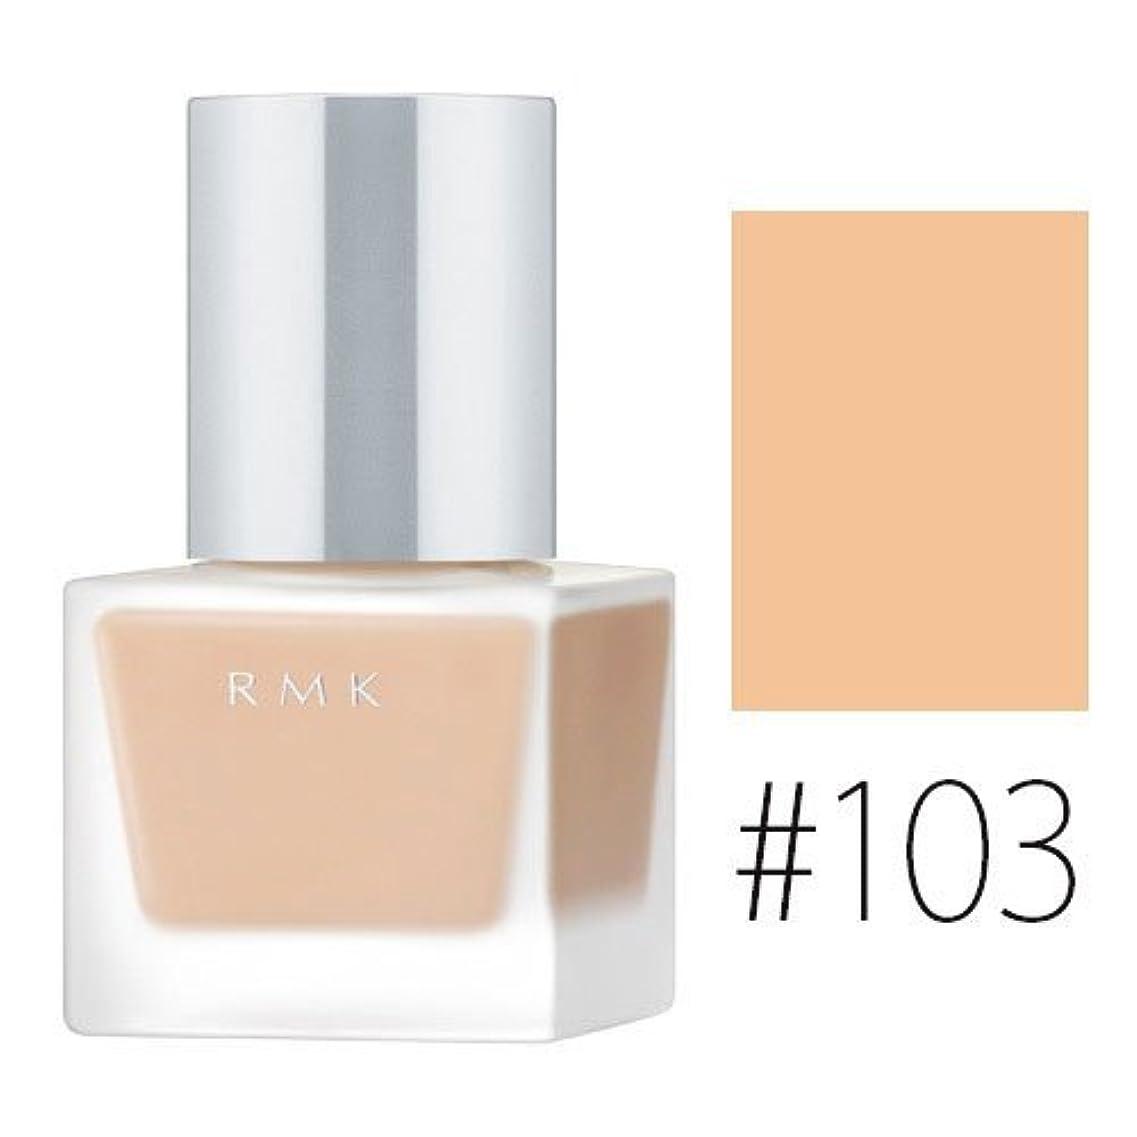 【RMK (ルミコ)】リクイドファンデーション #103 30ml